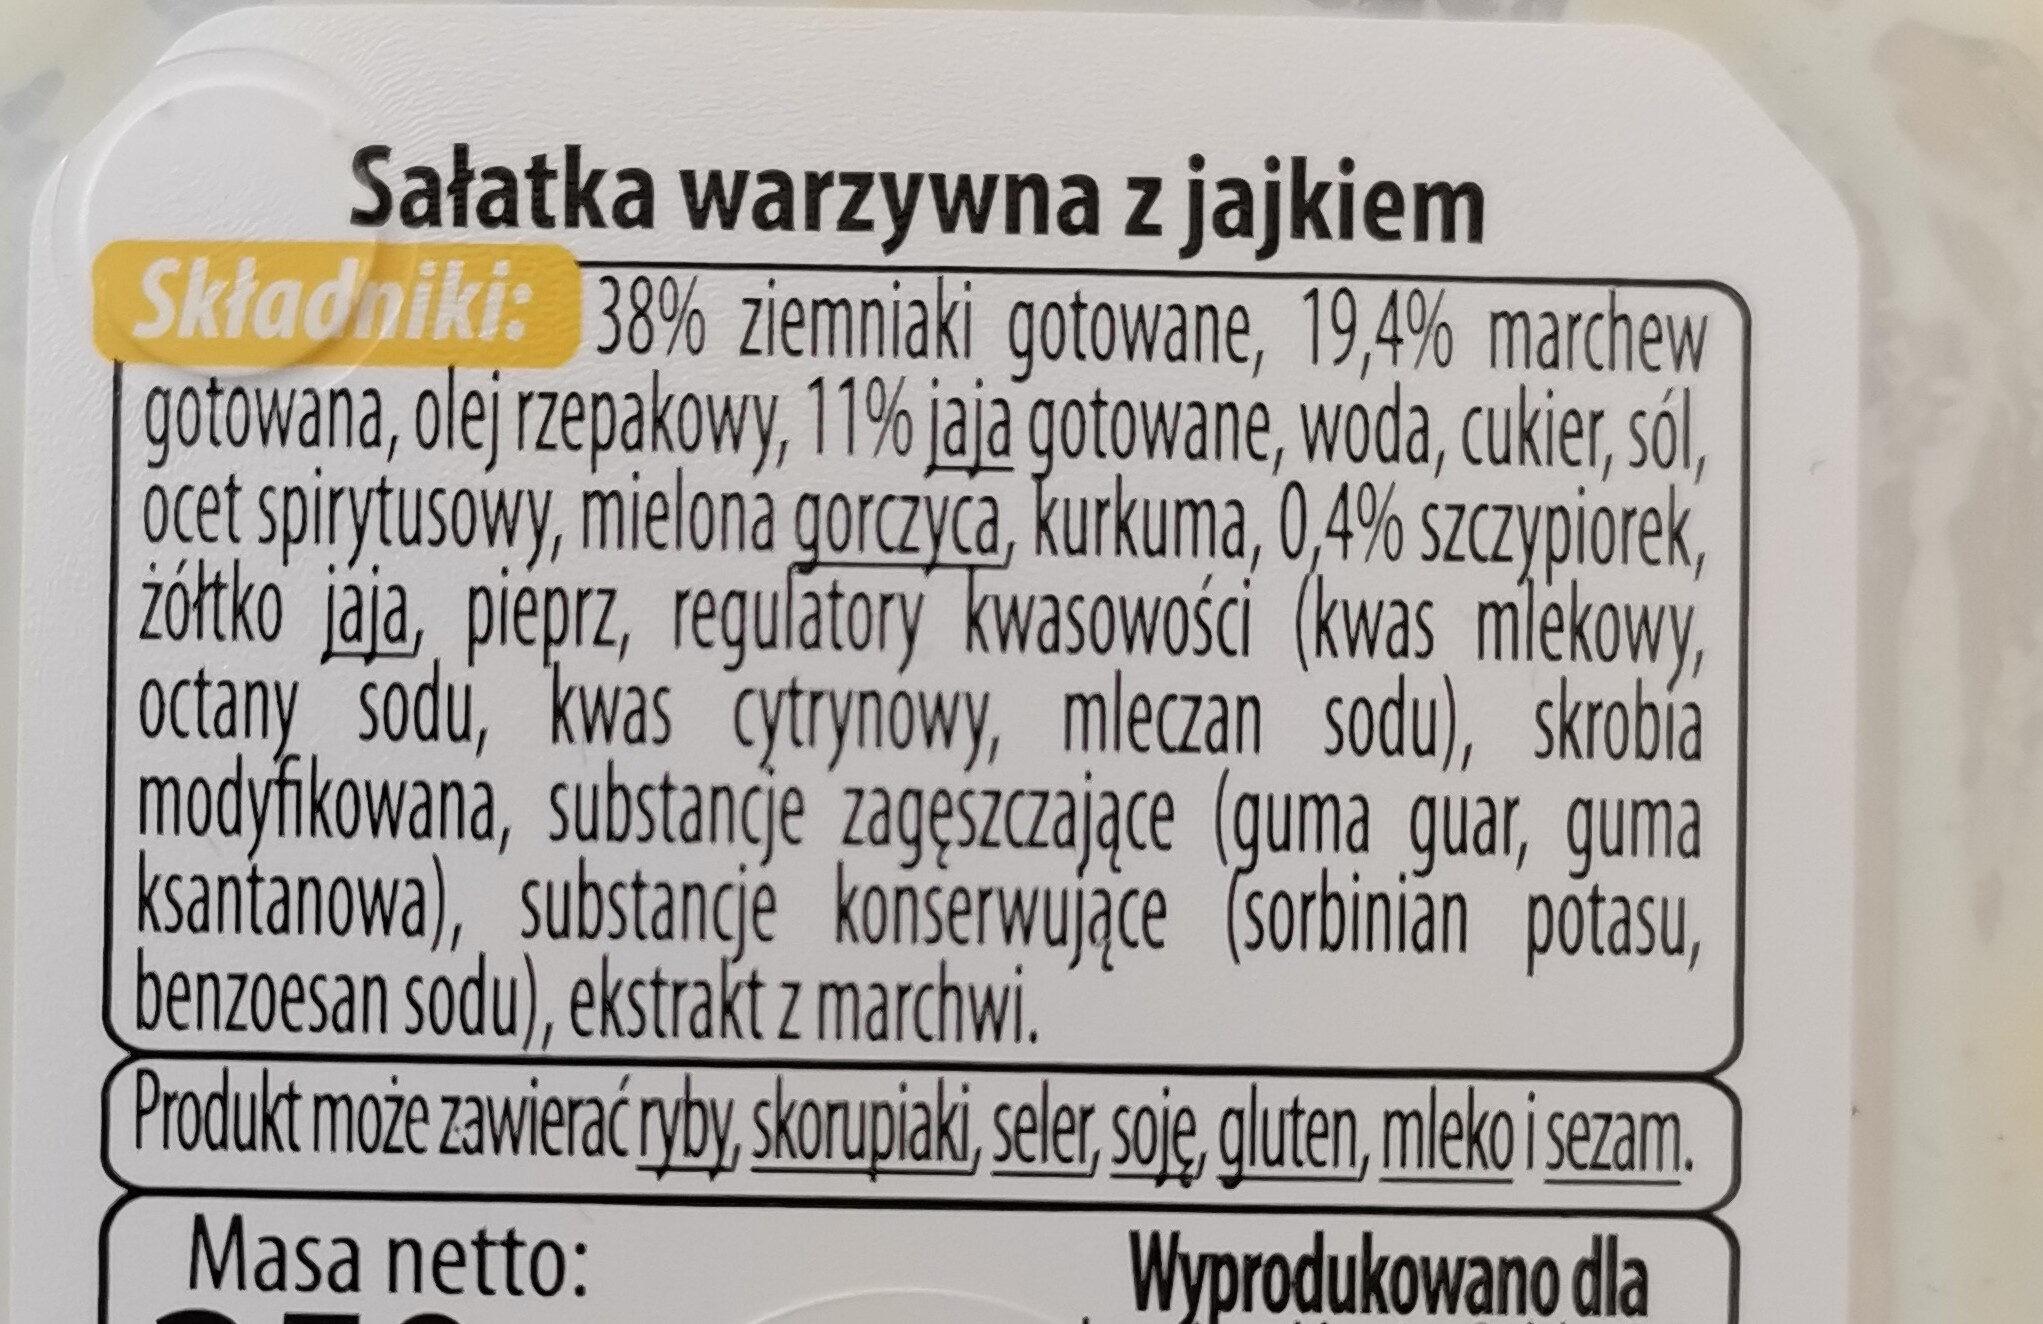 sałatka warzywna z jajkiem - Składniki - pl